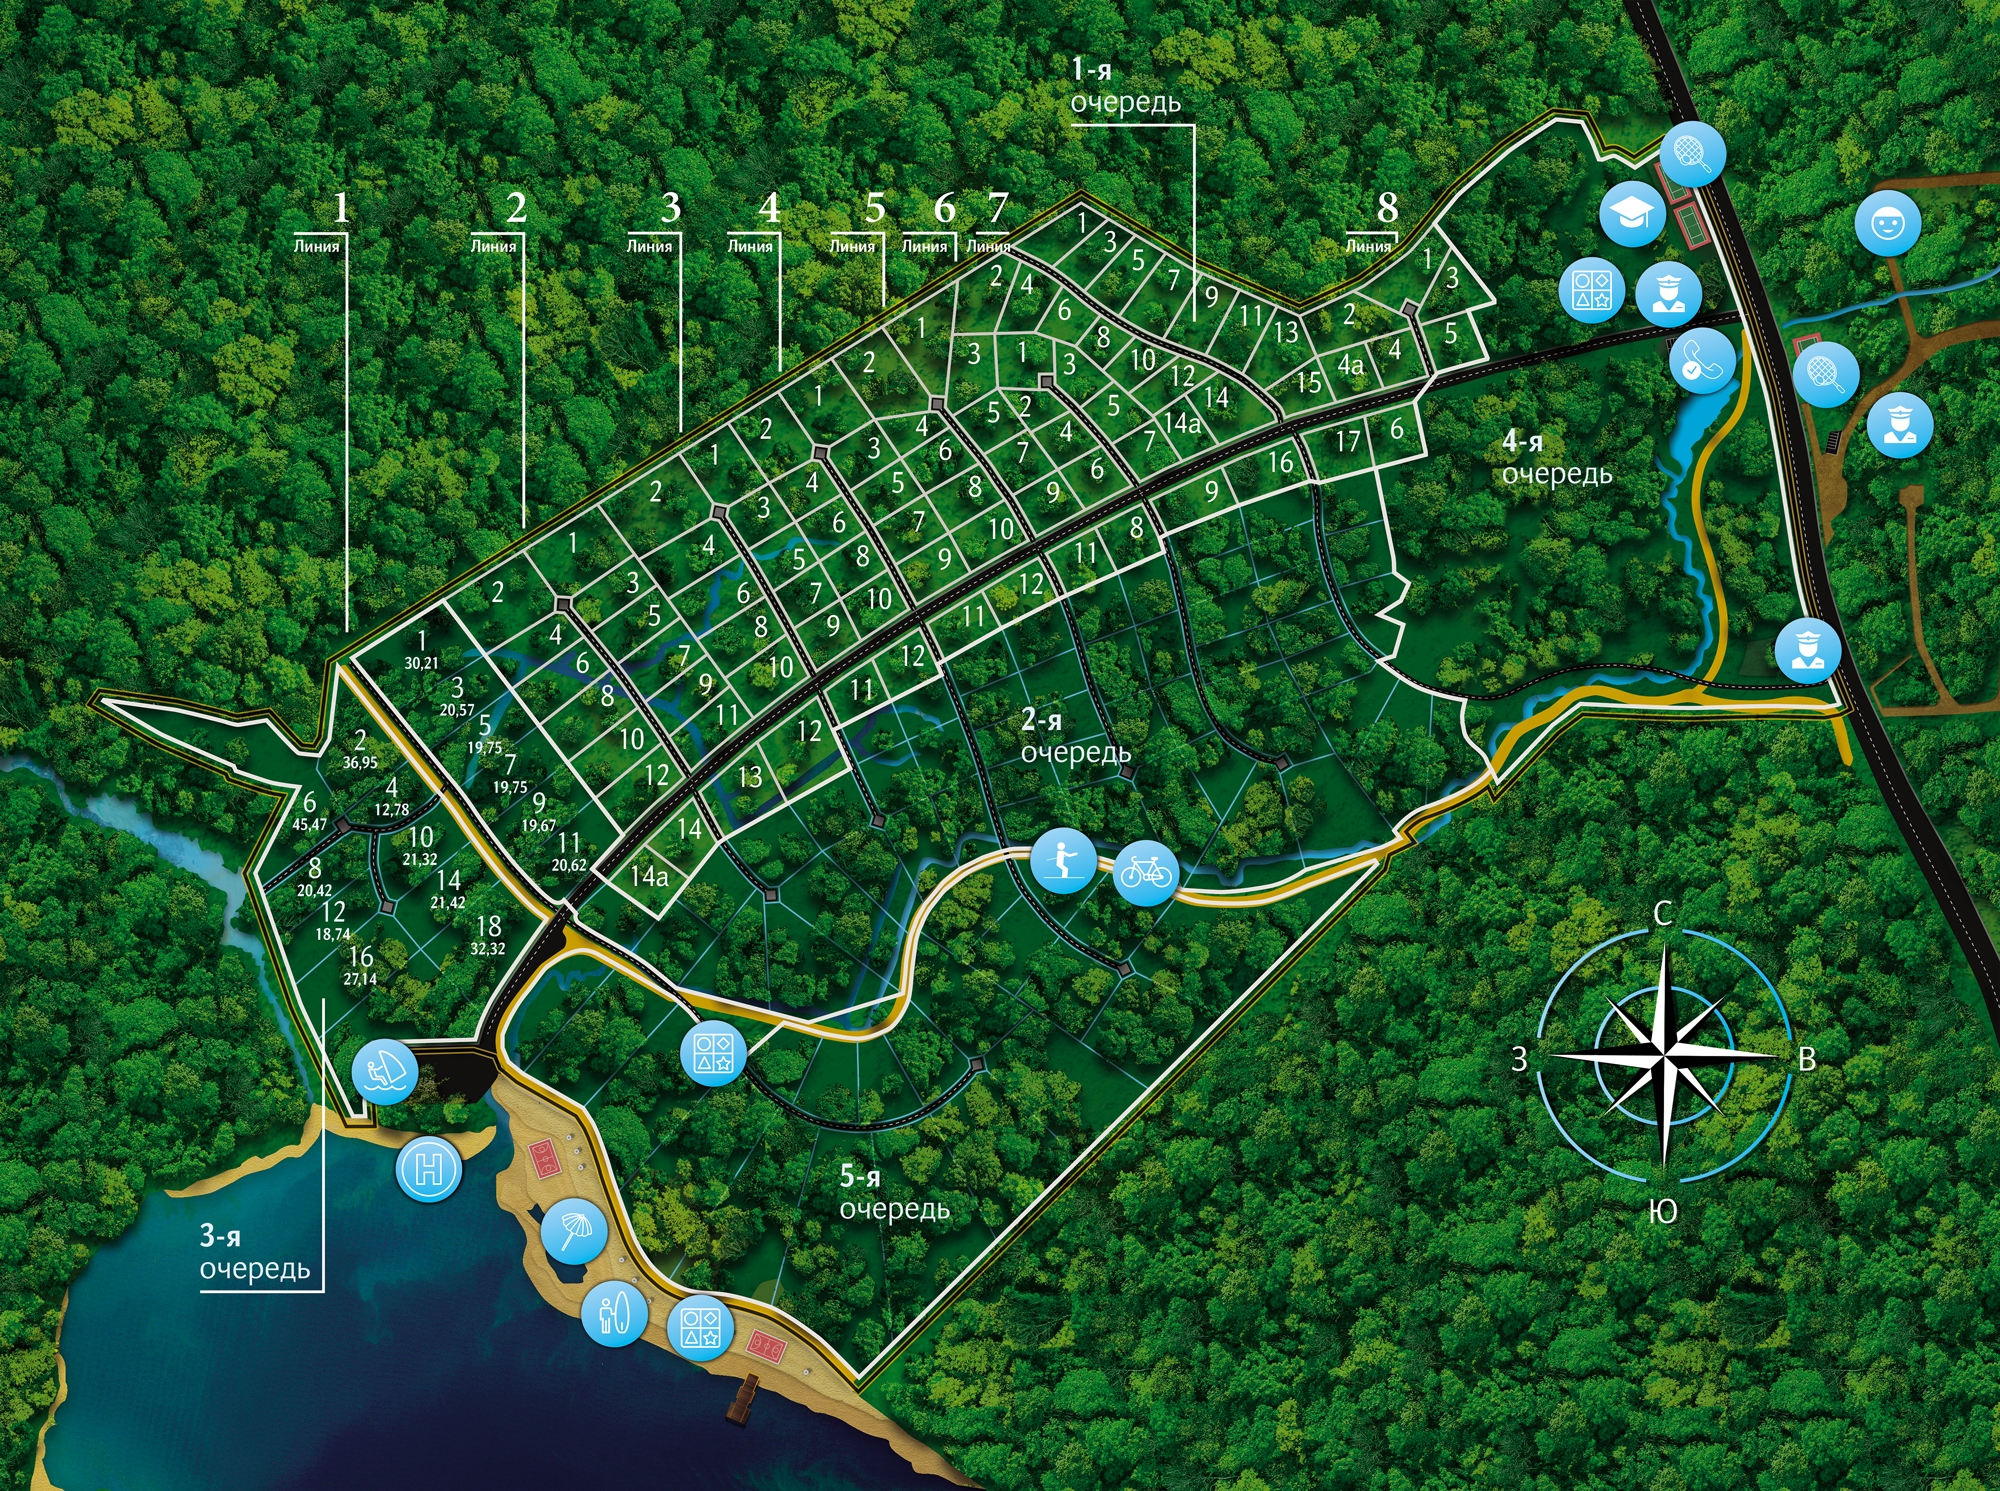 Генеральный план Резиденция у озера (Кавголовское озеро. Загородная резиденция)